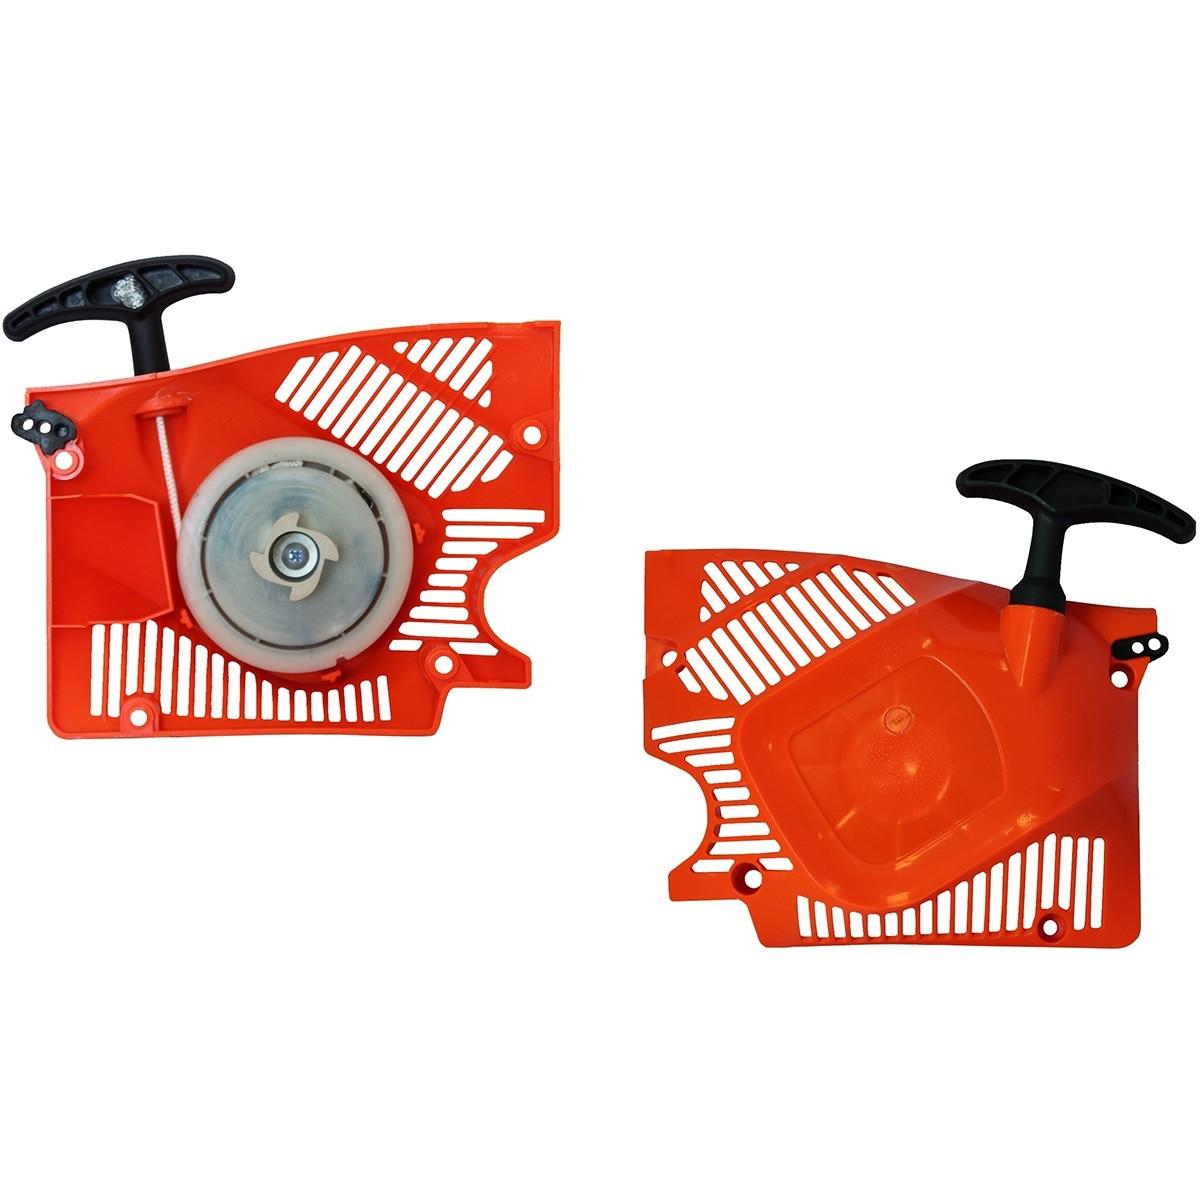 lanceur orange pour tron onneuse 62 cm3 tron onneuses. Black Bedroom Furniture Sets. Home Design Ideas